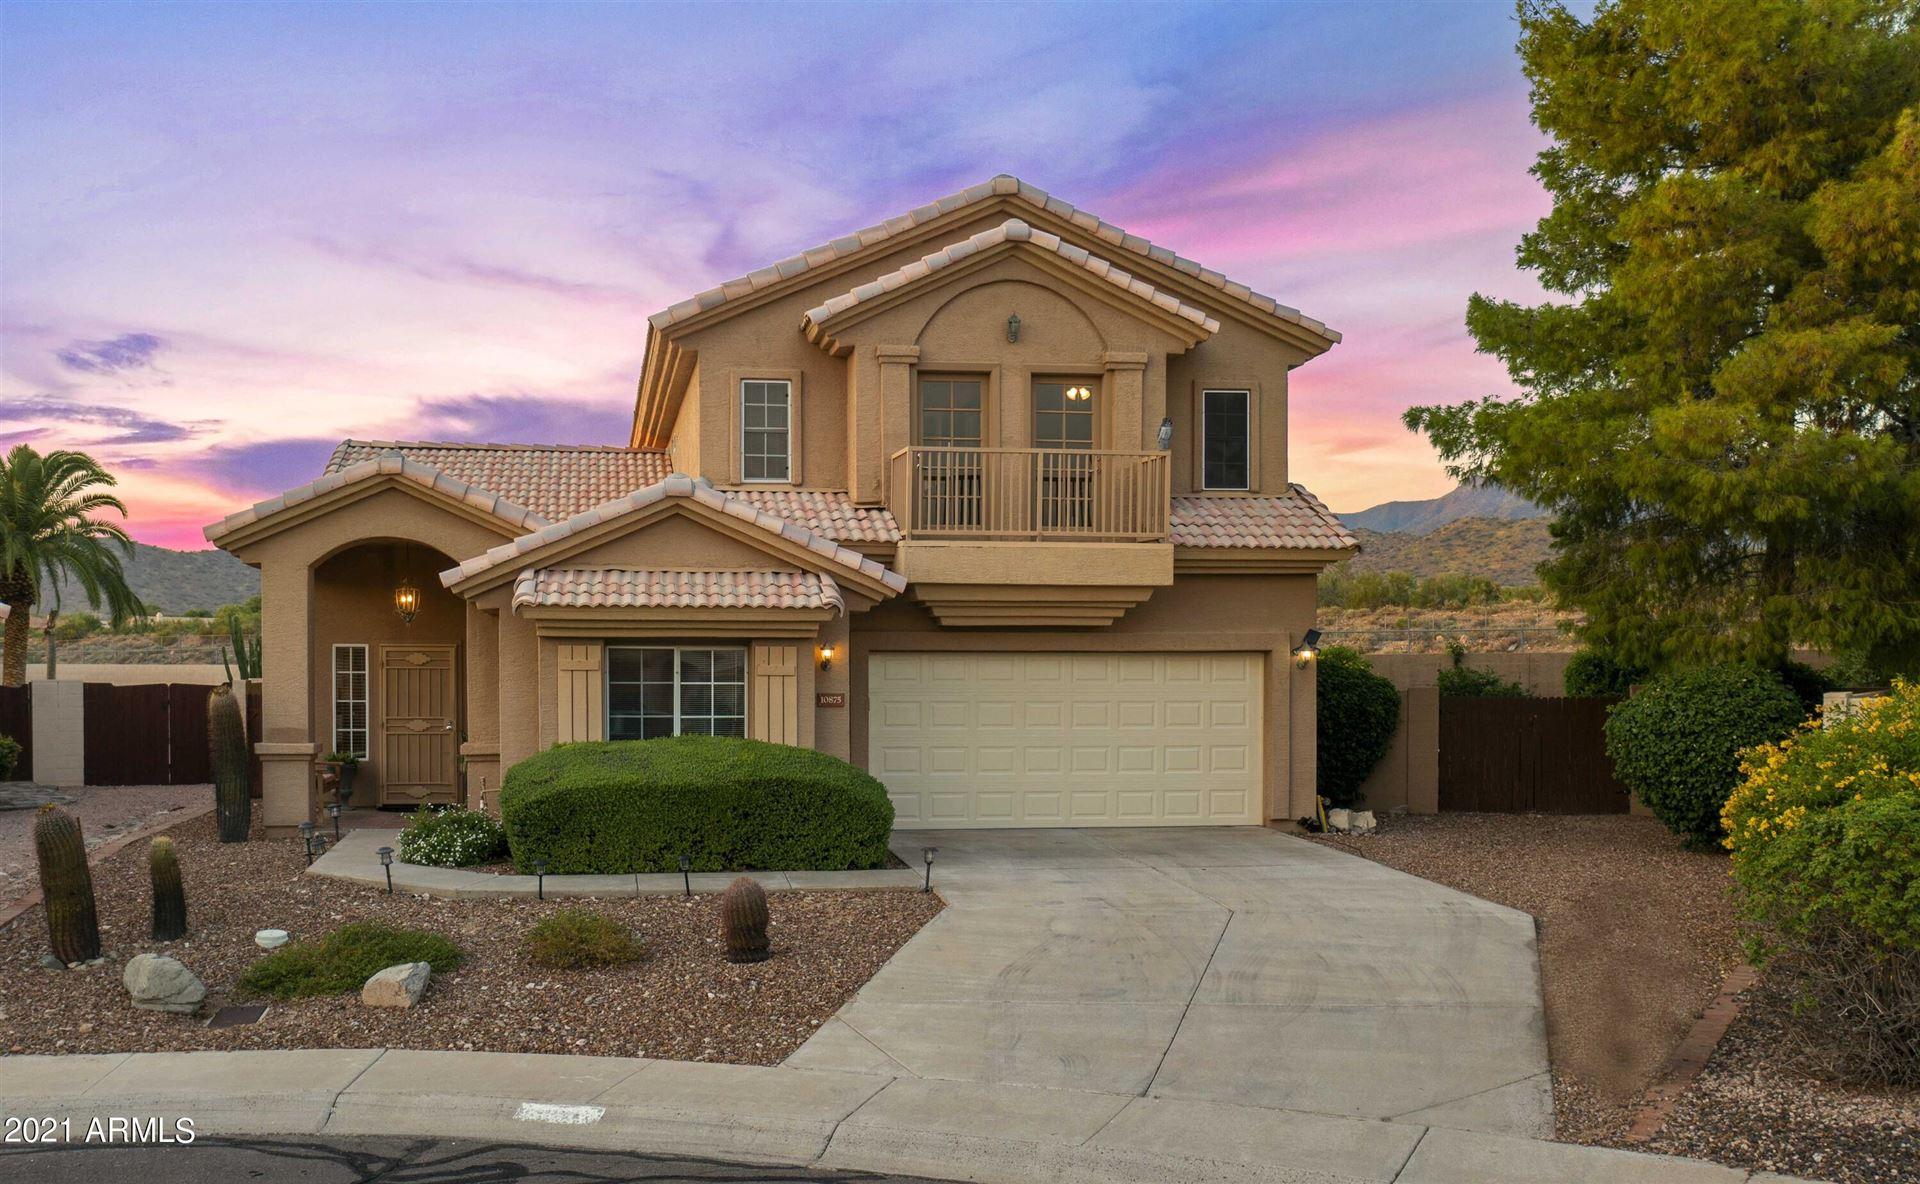 10875 N 118TH Way, Scottsdale, AZ 85259 - #: 6298931